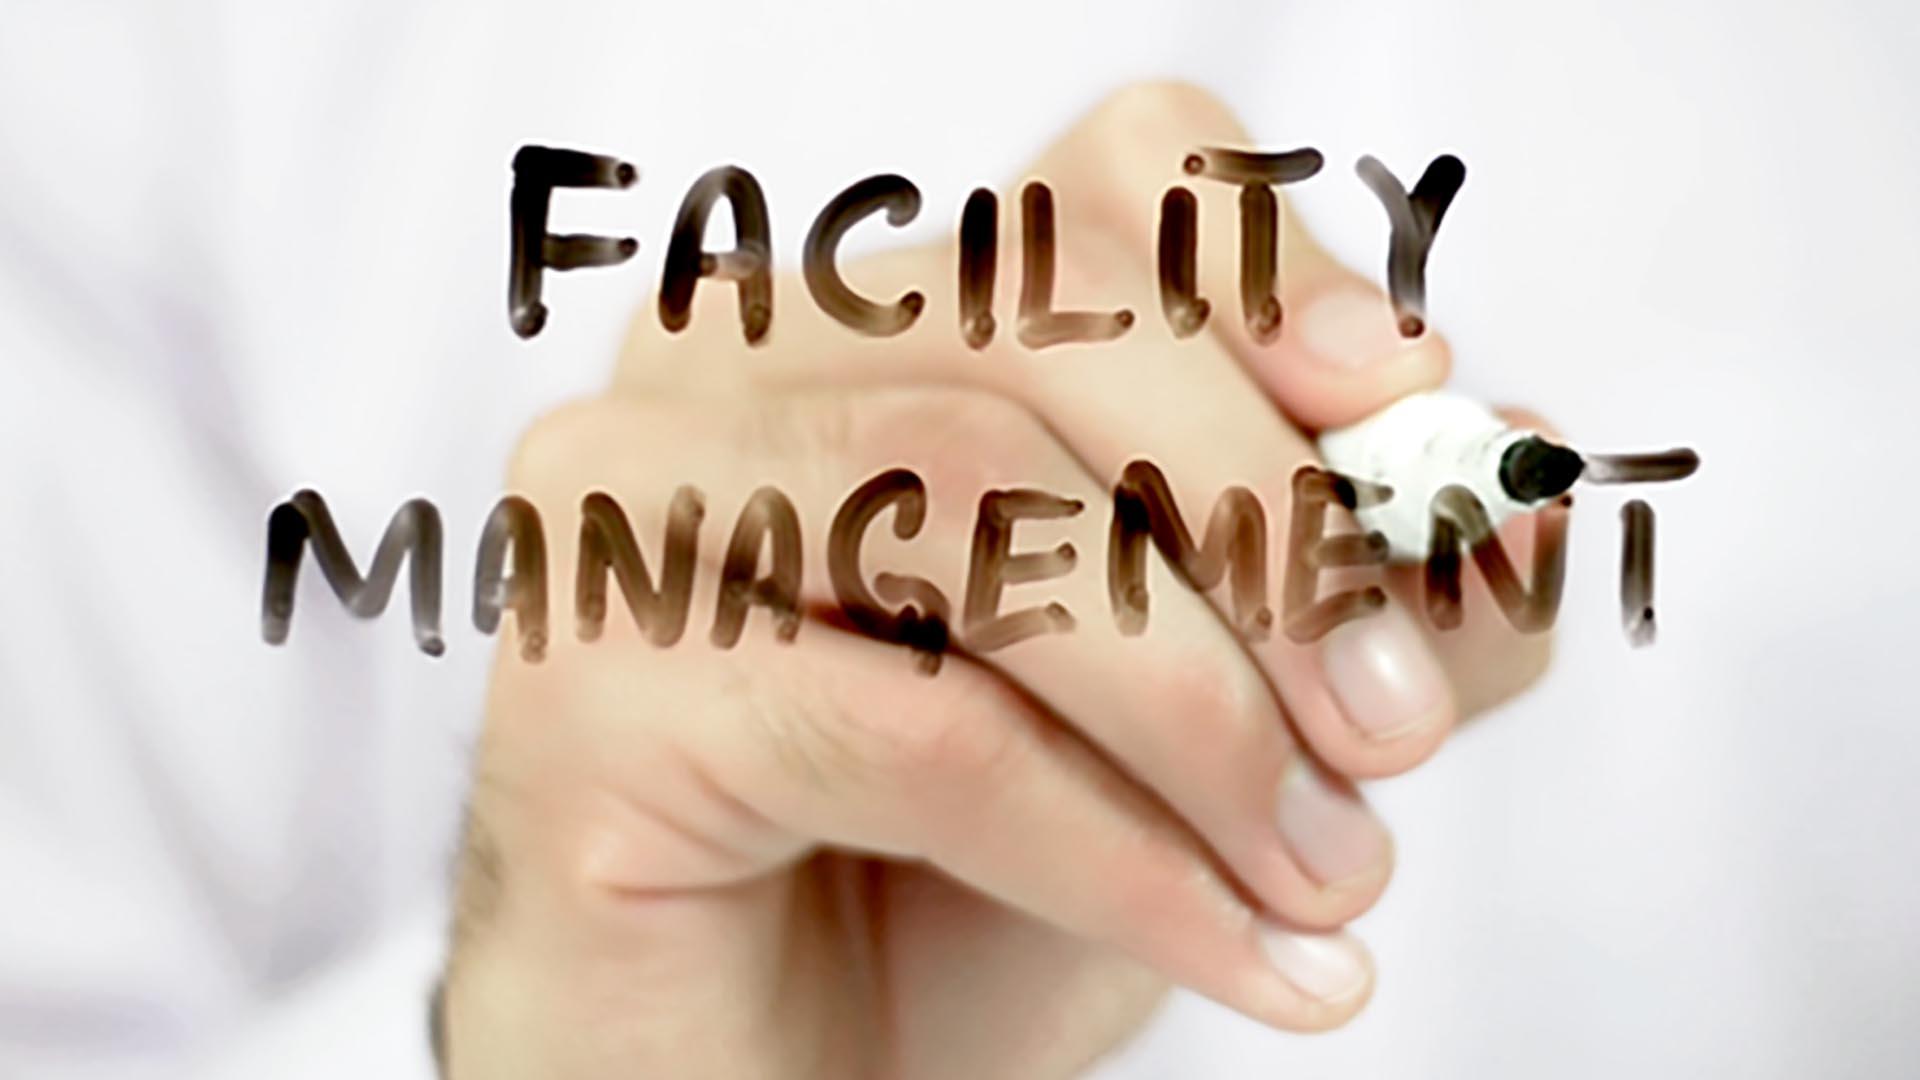 nettare facility managemant